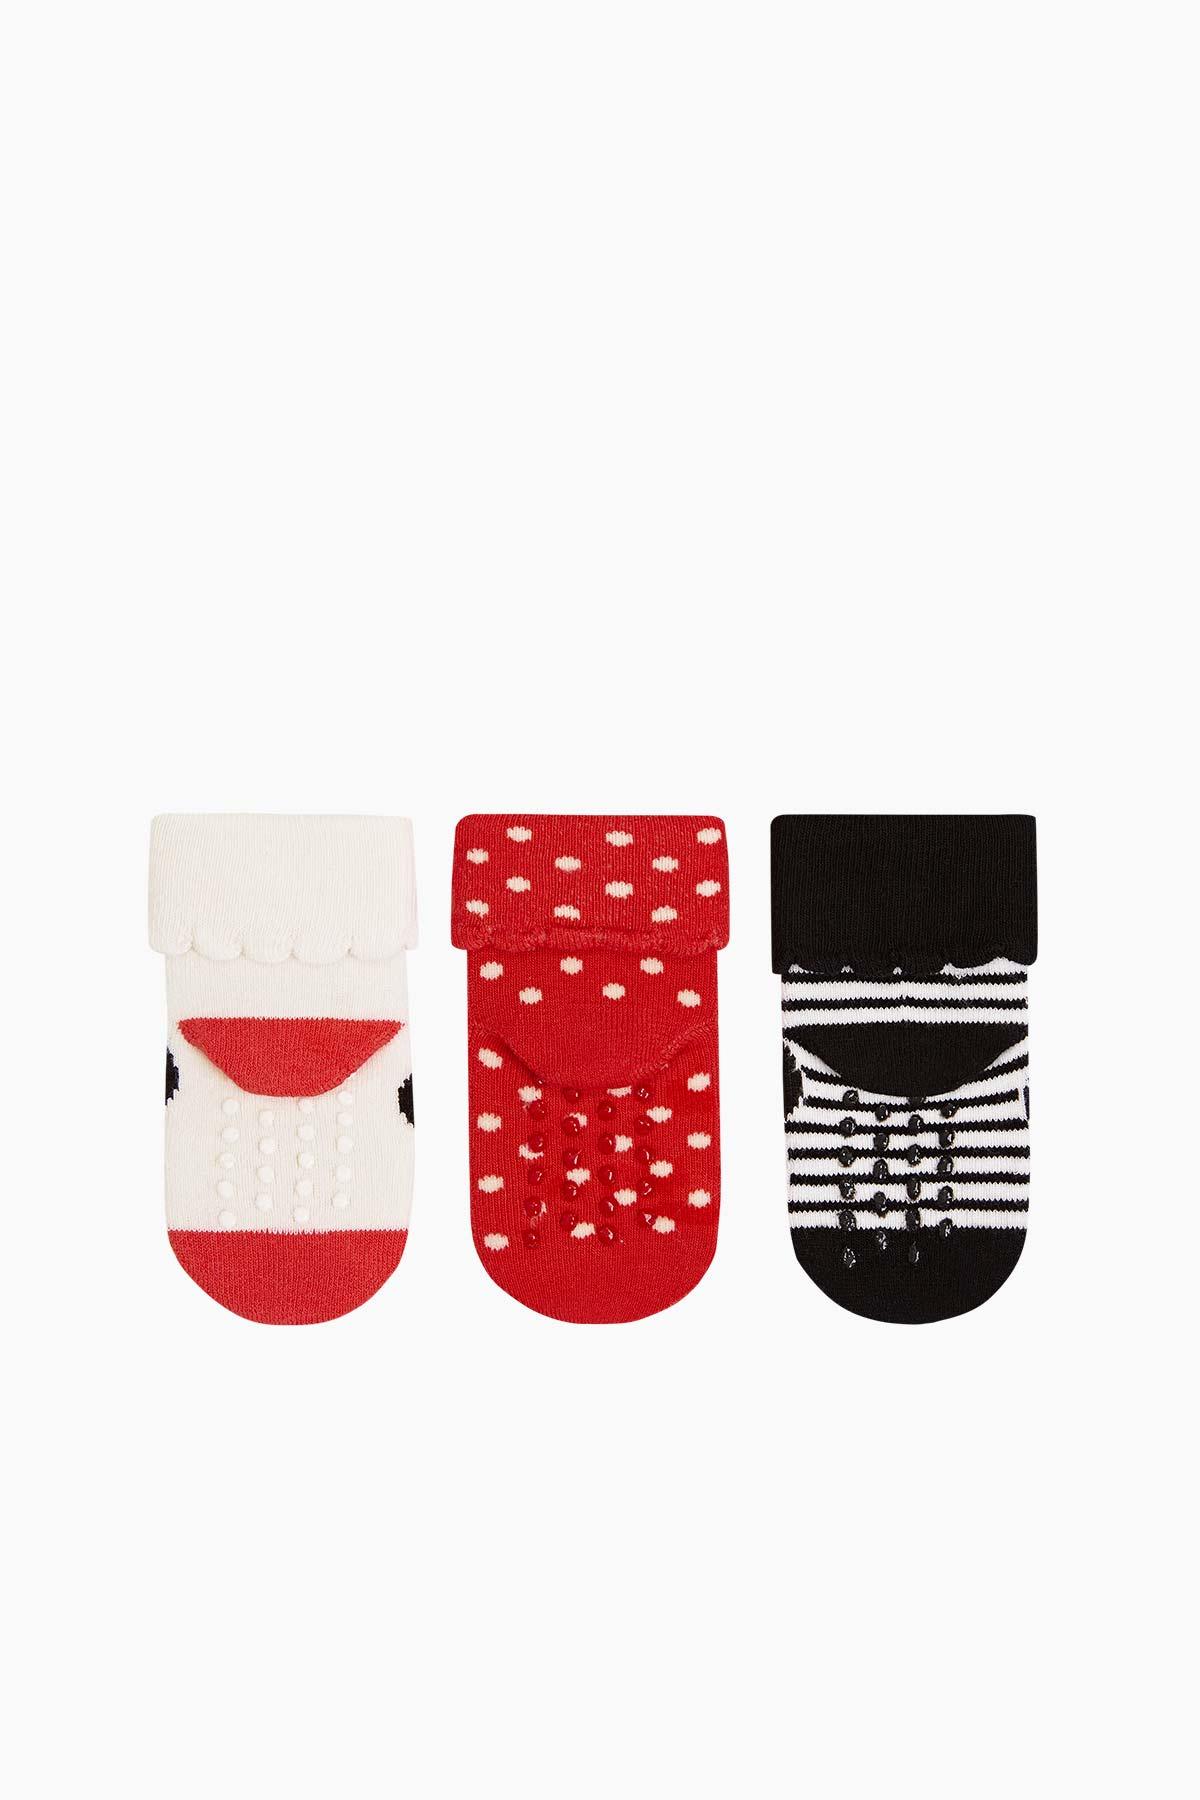 Bross 3'lü Paket Minnie Desenli Taban Altı Kaydırmaz Baskılı Havlu Bebek Çorabı